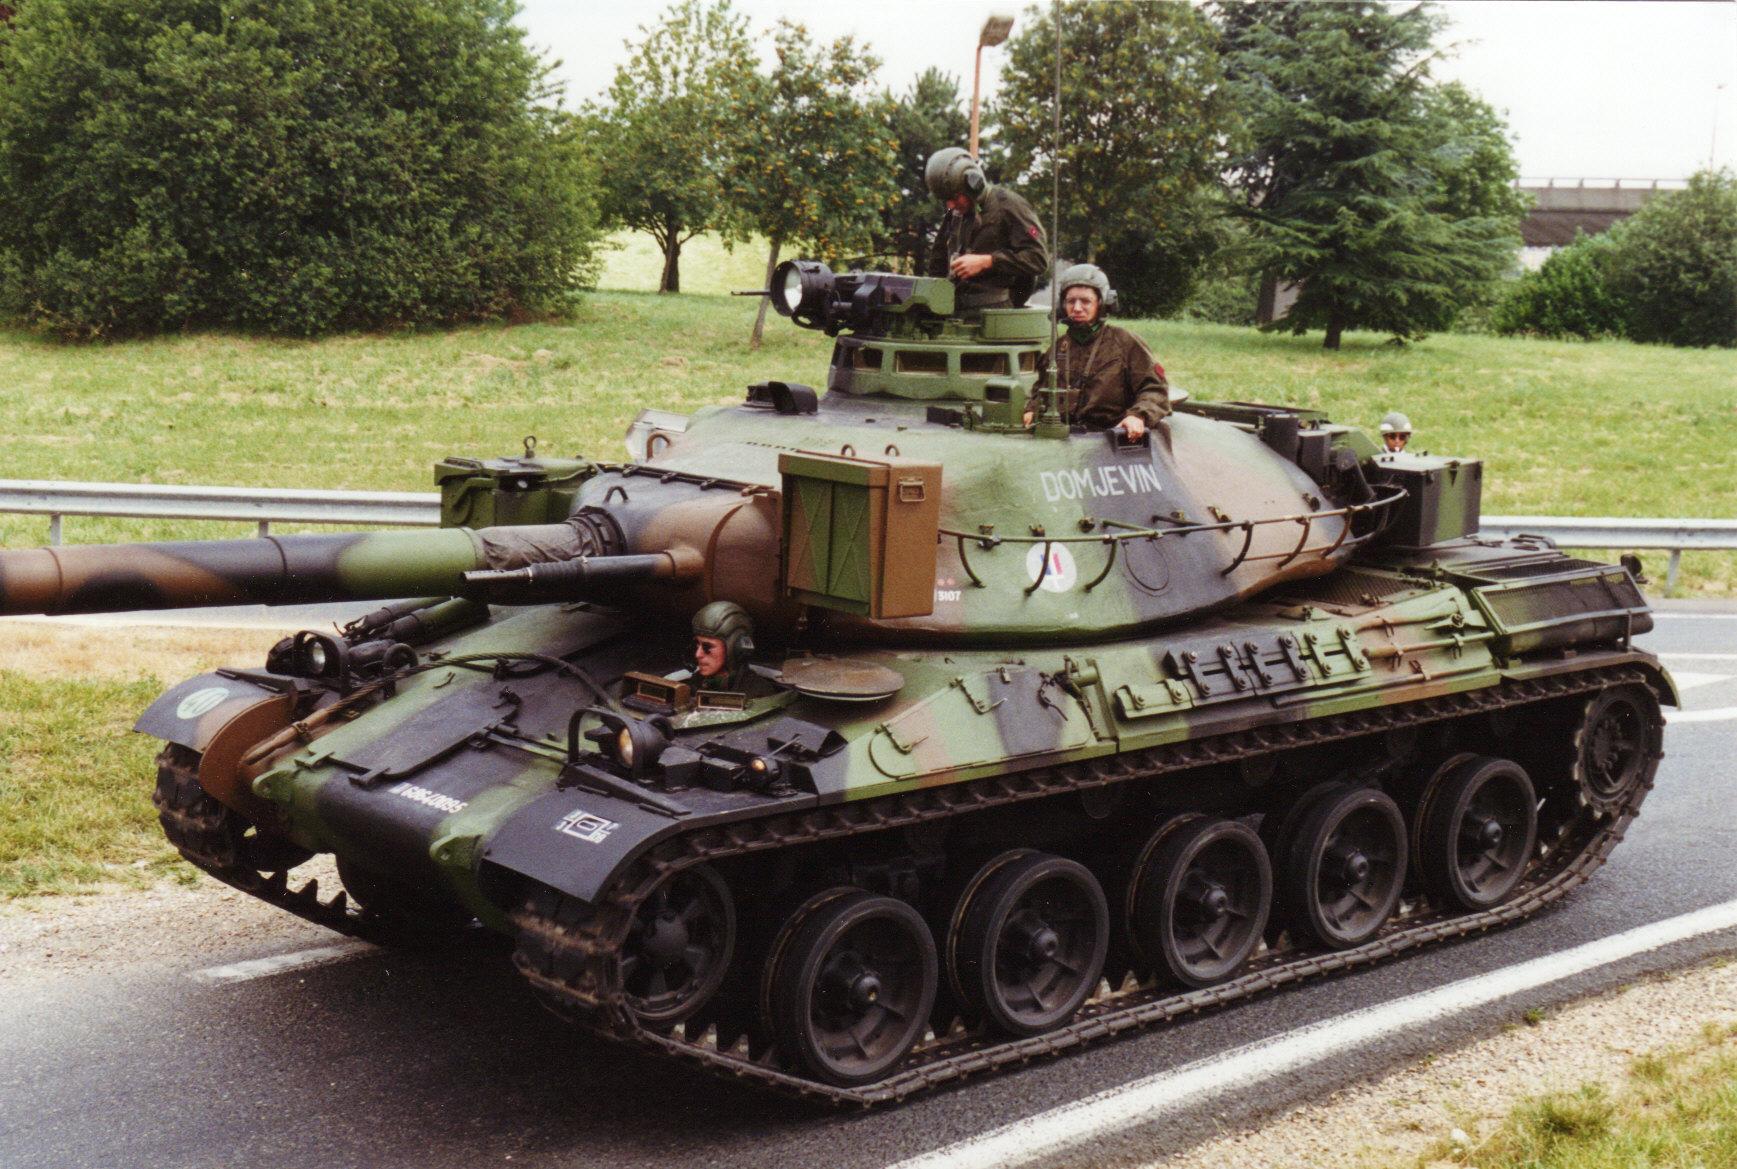 votre char favori par type de char sur le forum world of tanks 07 08 2015 16 17 28 page 2. Black Bedroom Furniture Sets. Home Design Ideas